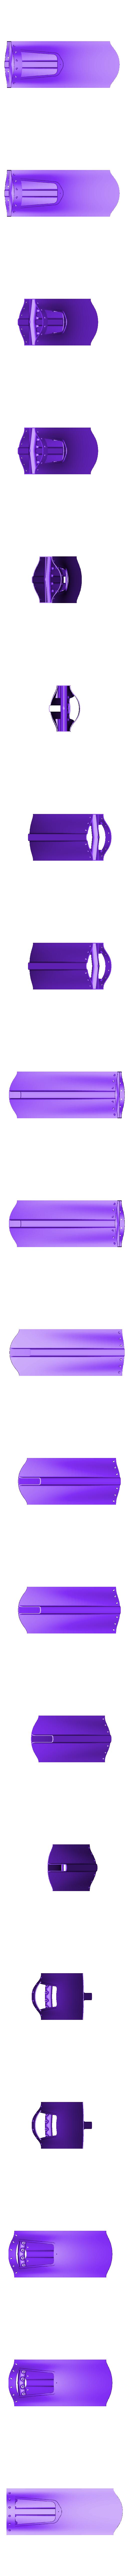 fuselage_rear_860_LWPLA.stl Télécharger fichier STL gratuit Mini Buratinu LW PLA • Design à imprimer en 3D, wersy